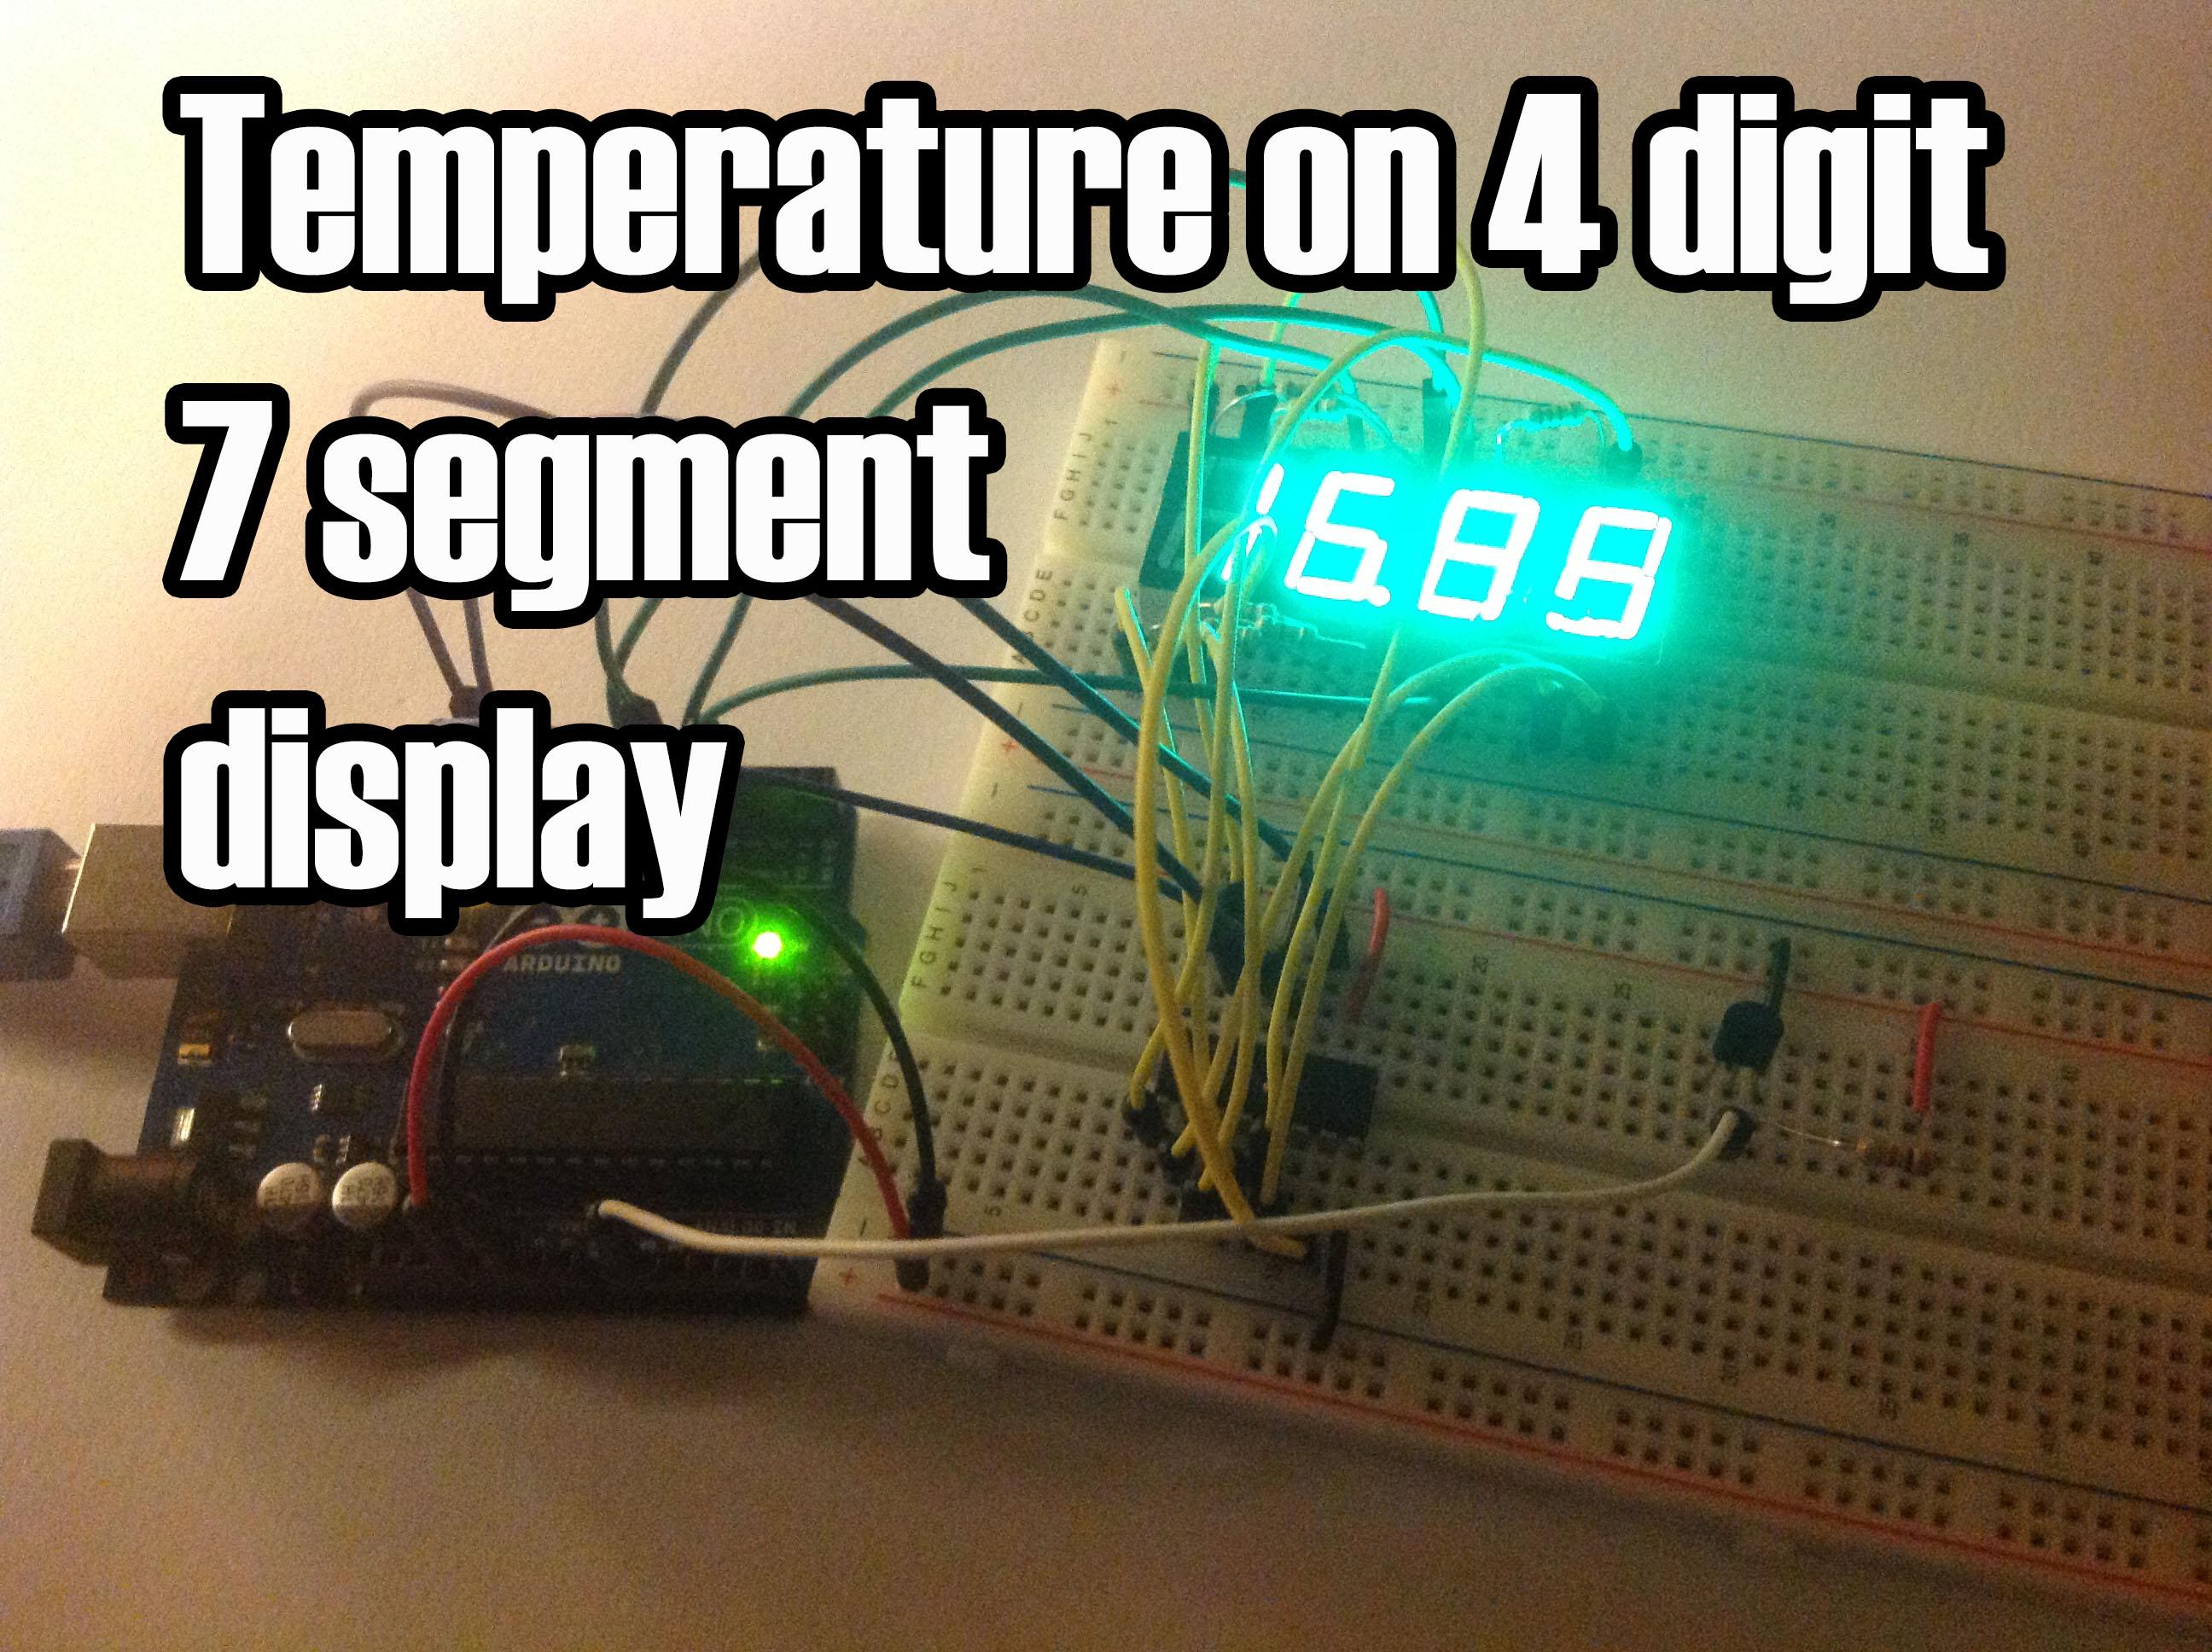 Arduino Temperature On 4 Digit 7 Segment Display